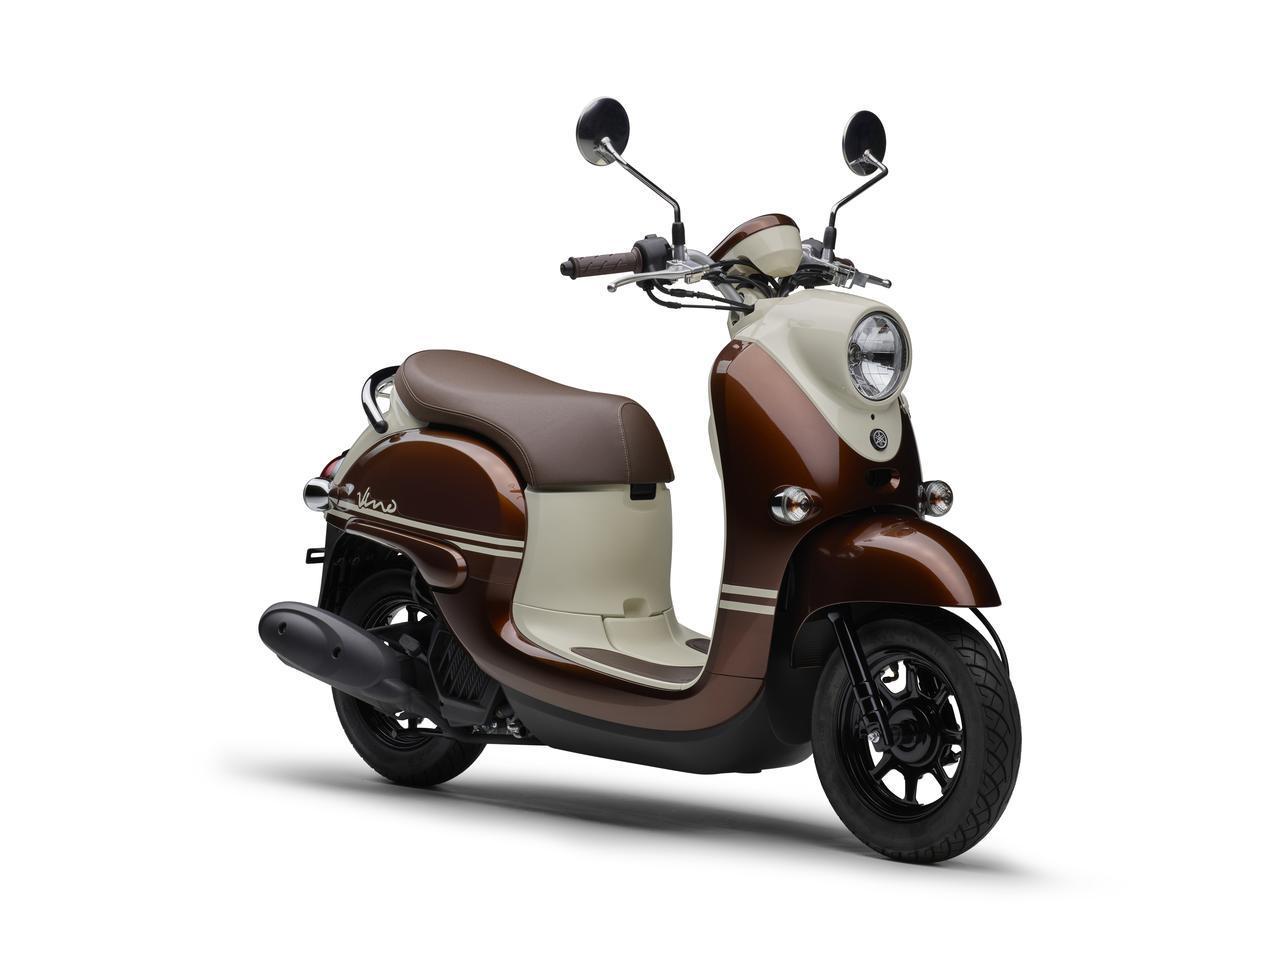 画像14: ヤマハが50ccスクーター「ビーノ」の2021年モデルを発表! ニューカラーは4色、合計6色の設定で発売